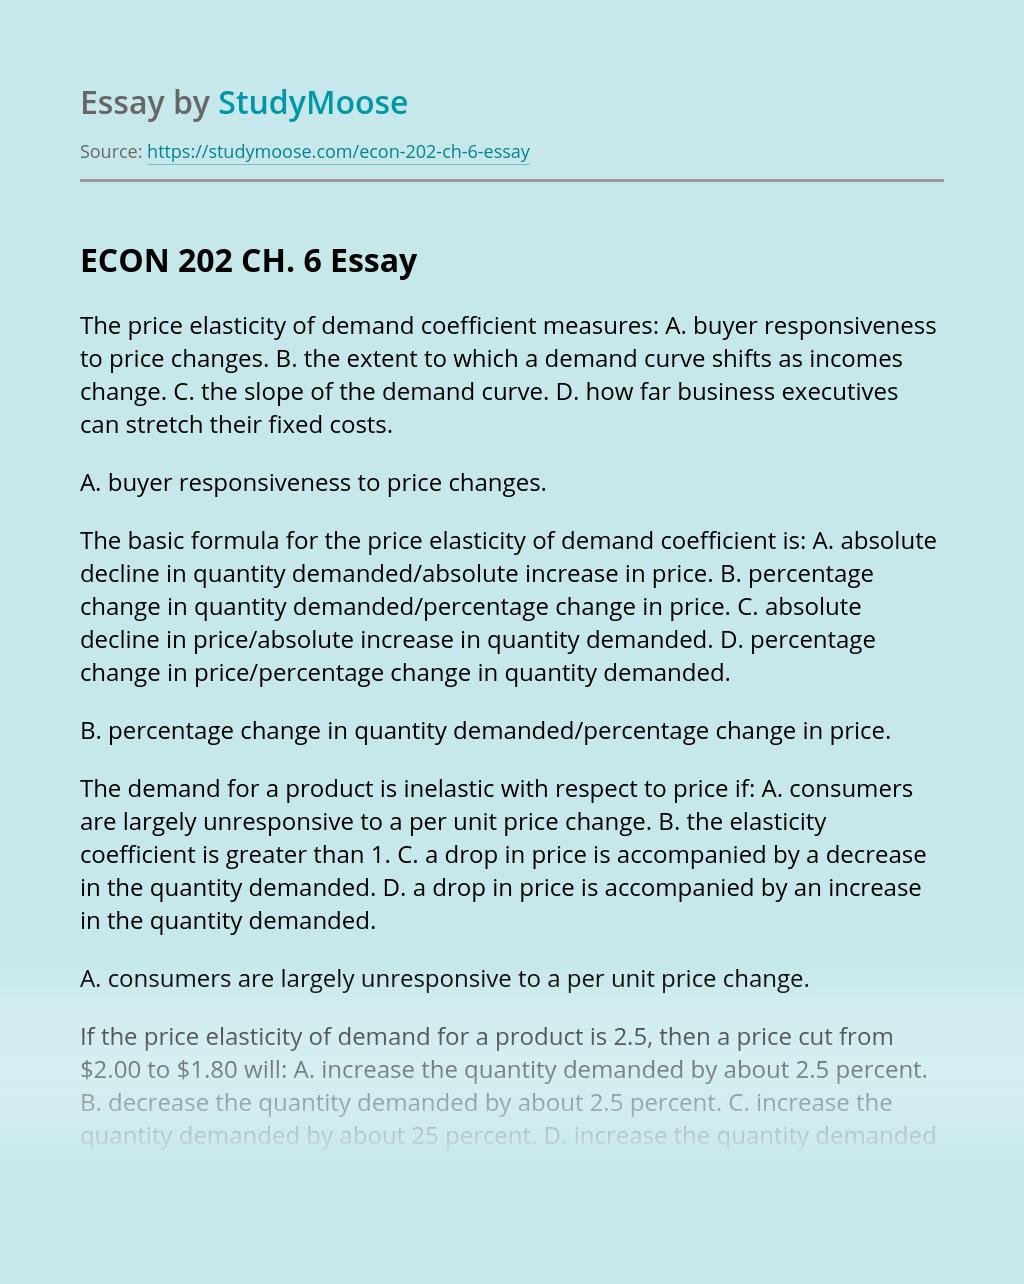 ECON 202 CH. 6